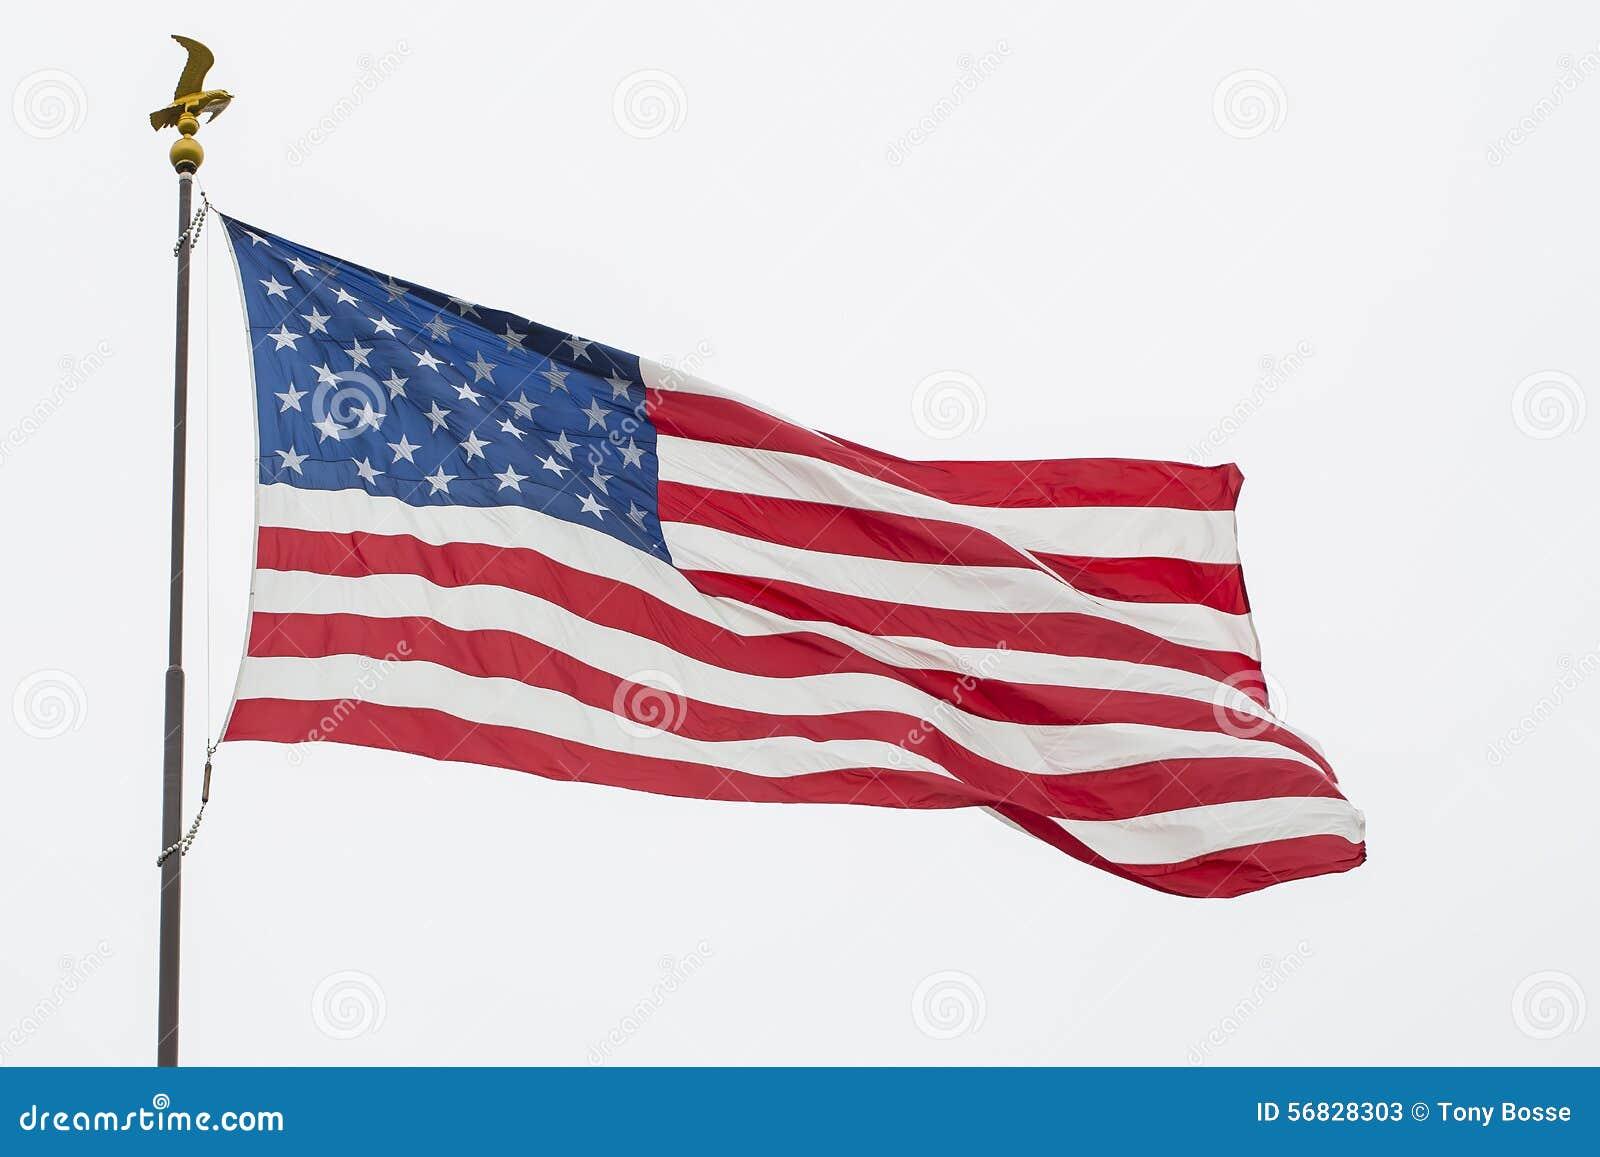 挥动的美国国旗和老鹰波兰人,被隔绝